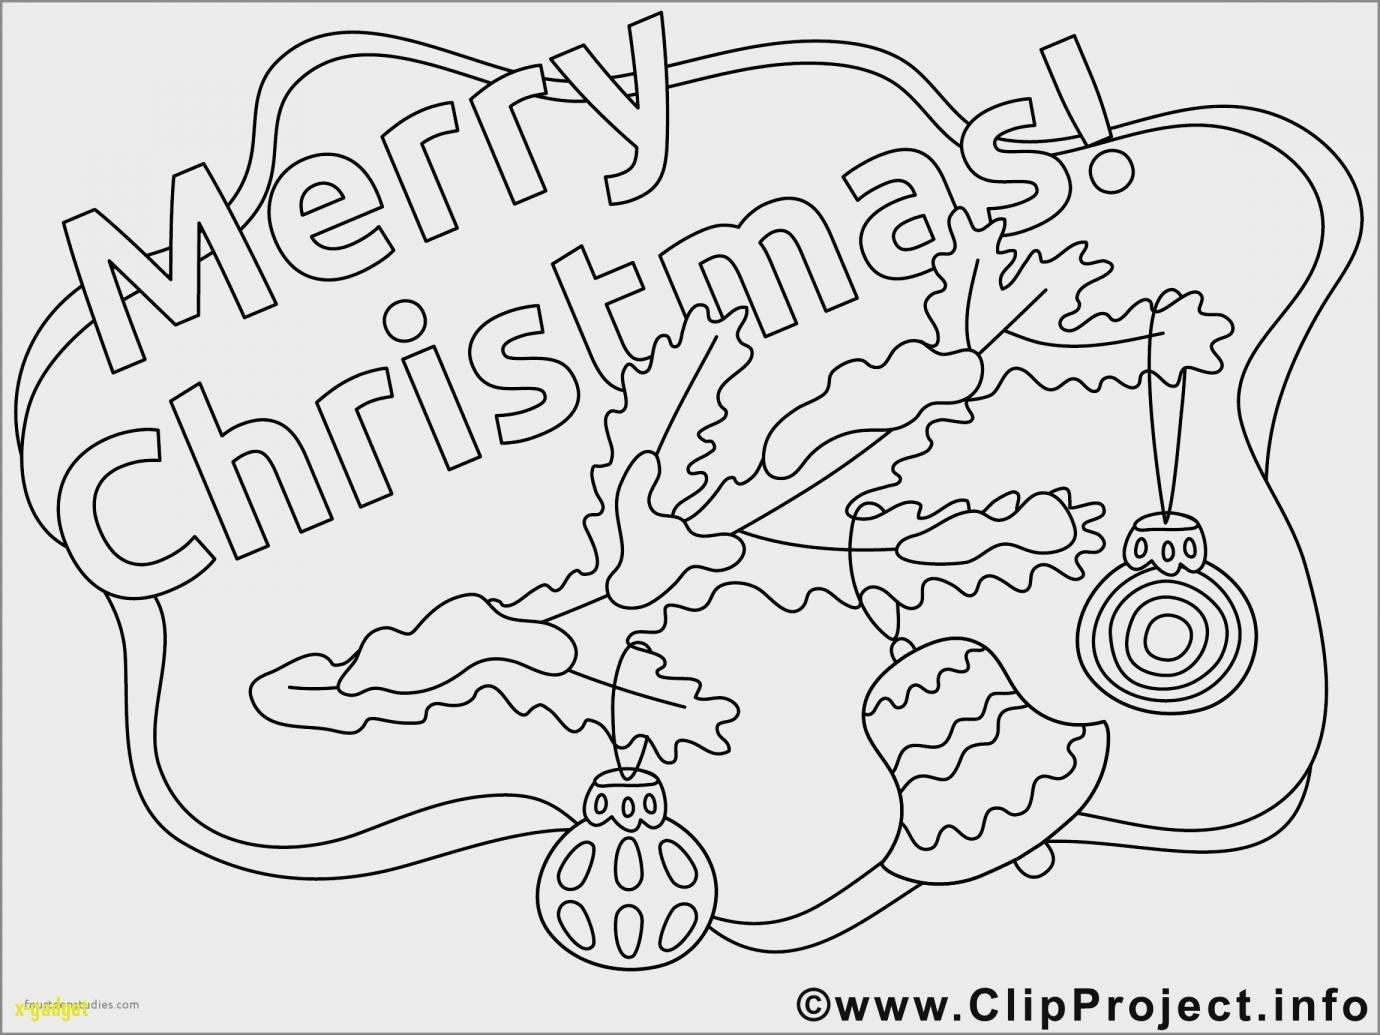 Window Color Vorlagen Weihnachten Rentier Einzigartig Bildergalerie & Bilder Zum Ausmalen Malvorlage Rentier Stock